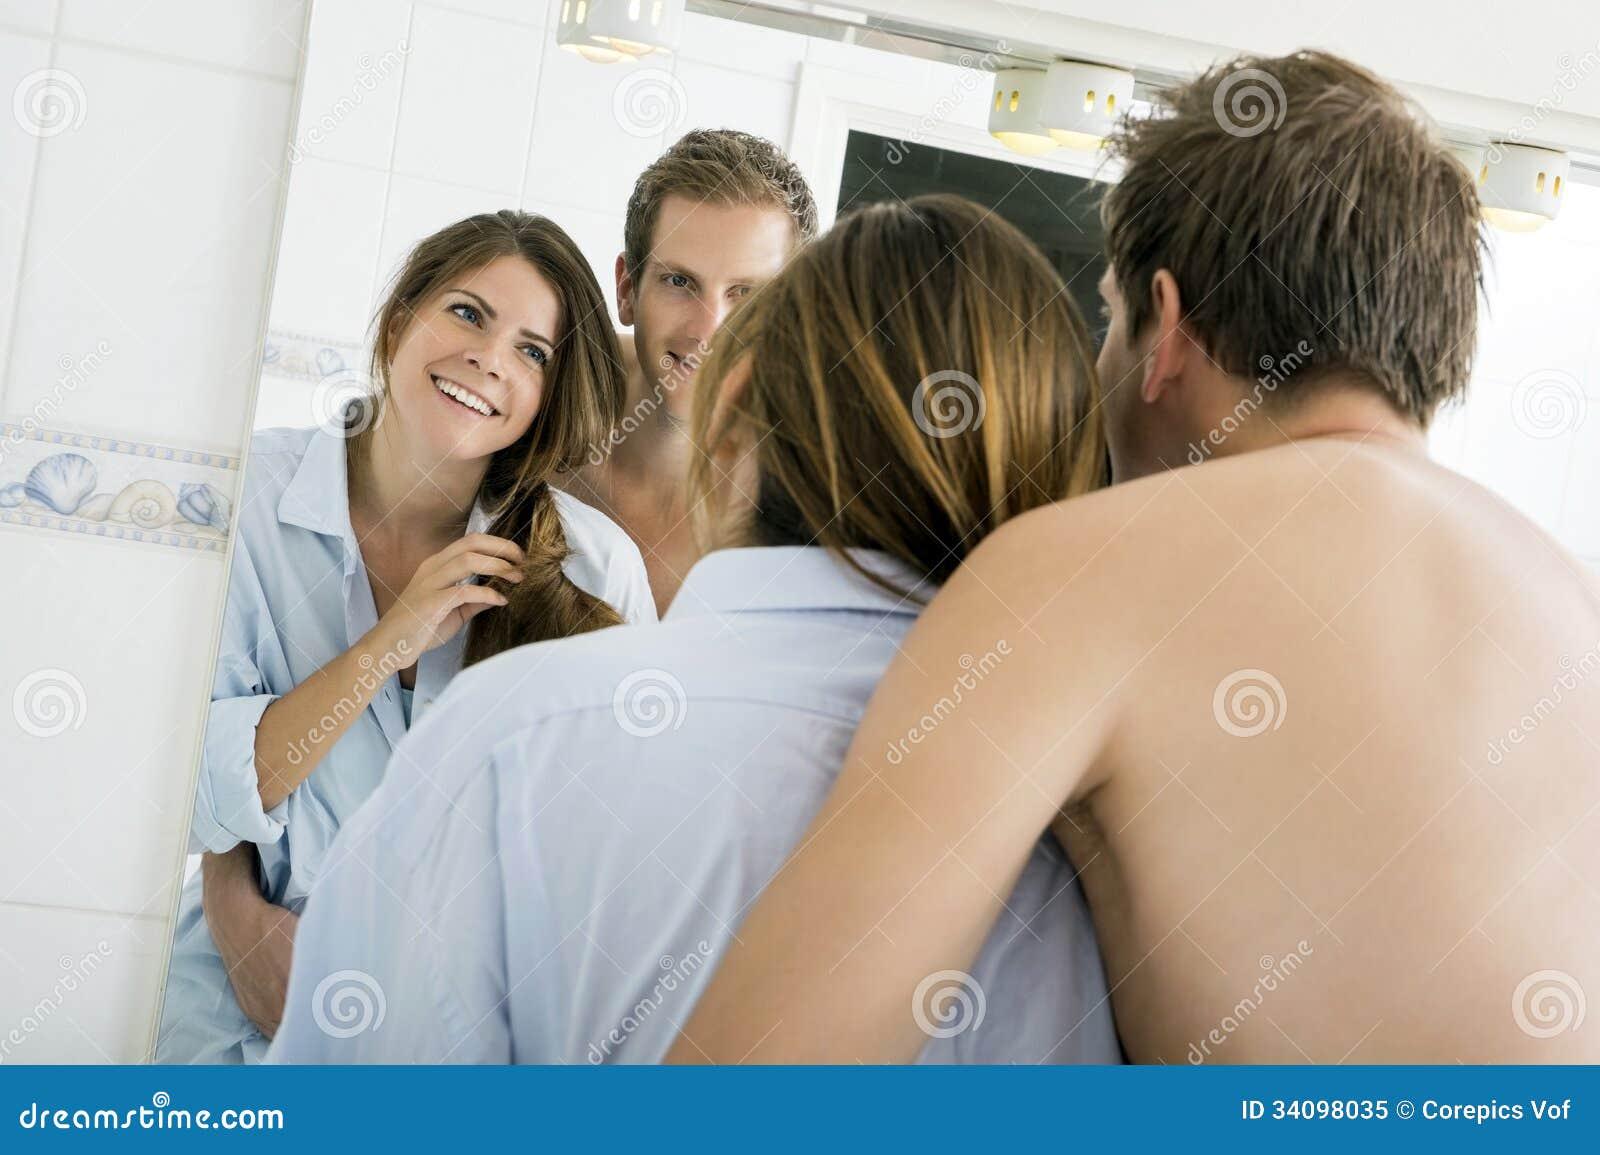 Bathroom Hug Stock Image Of Horizontal Looking